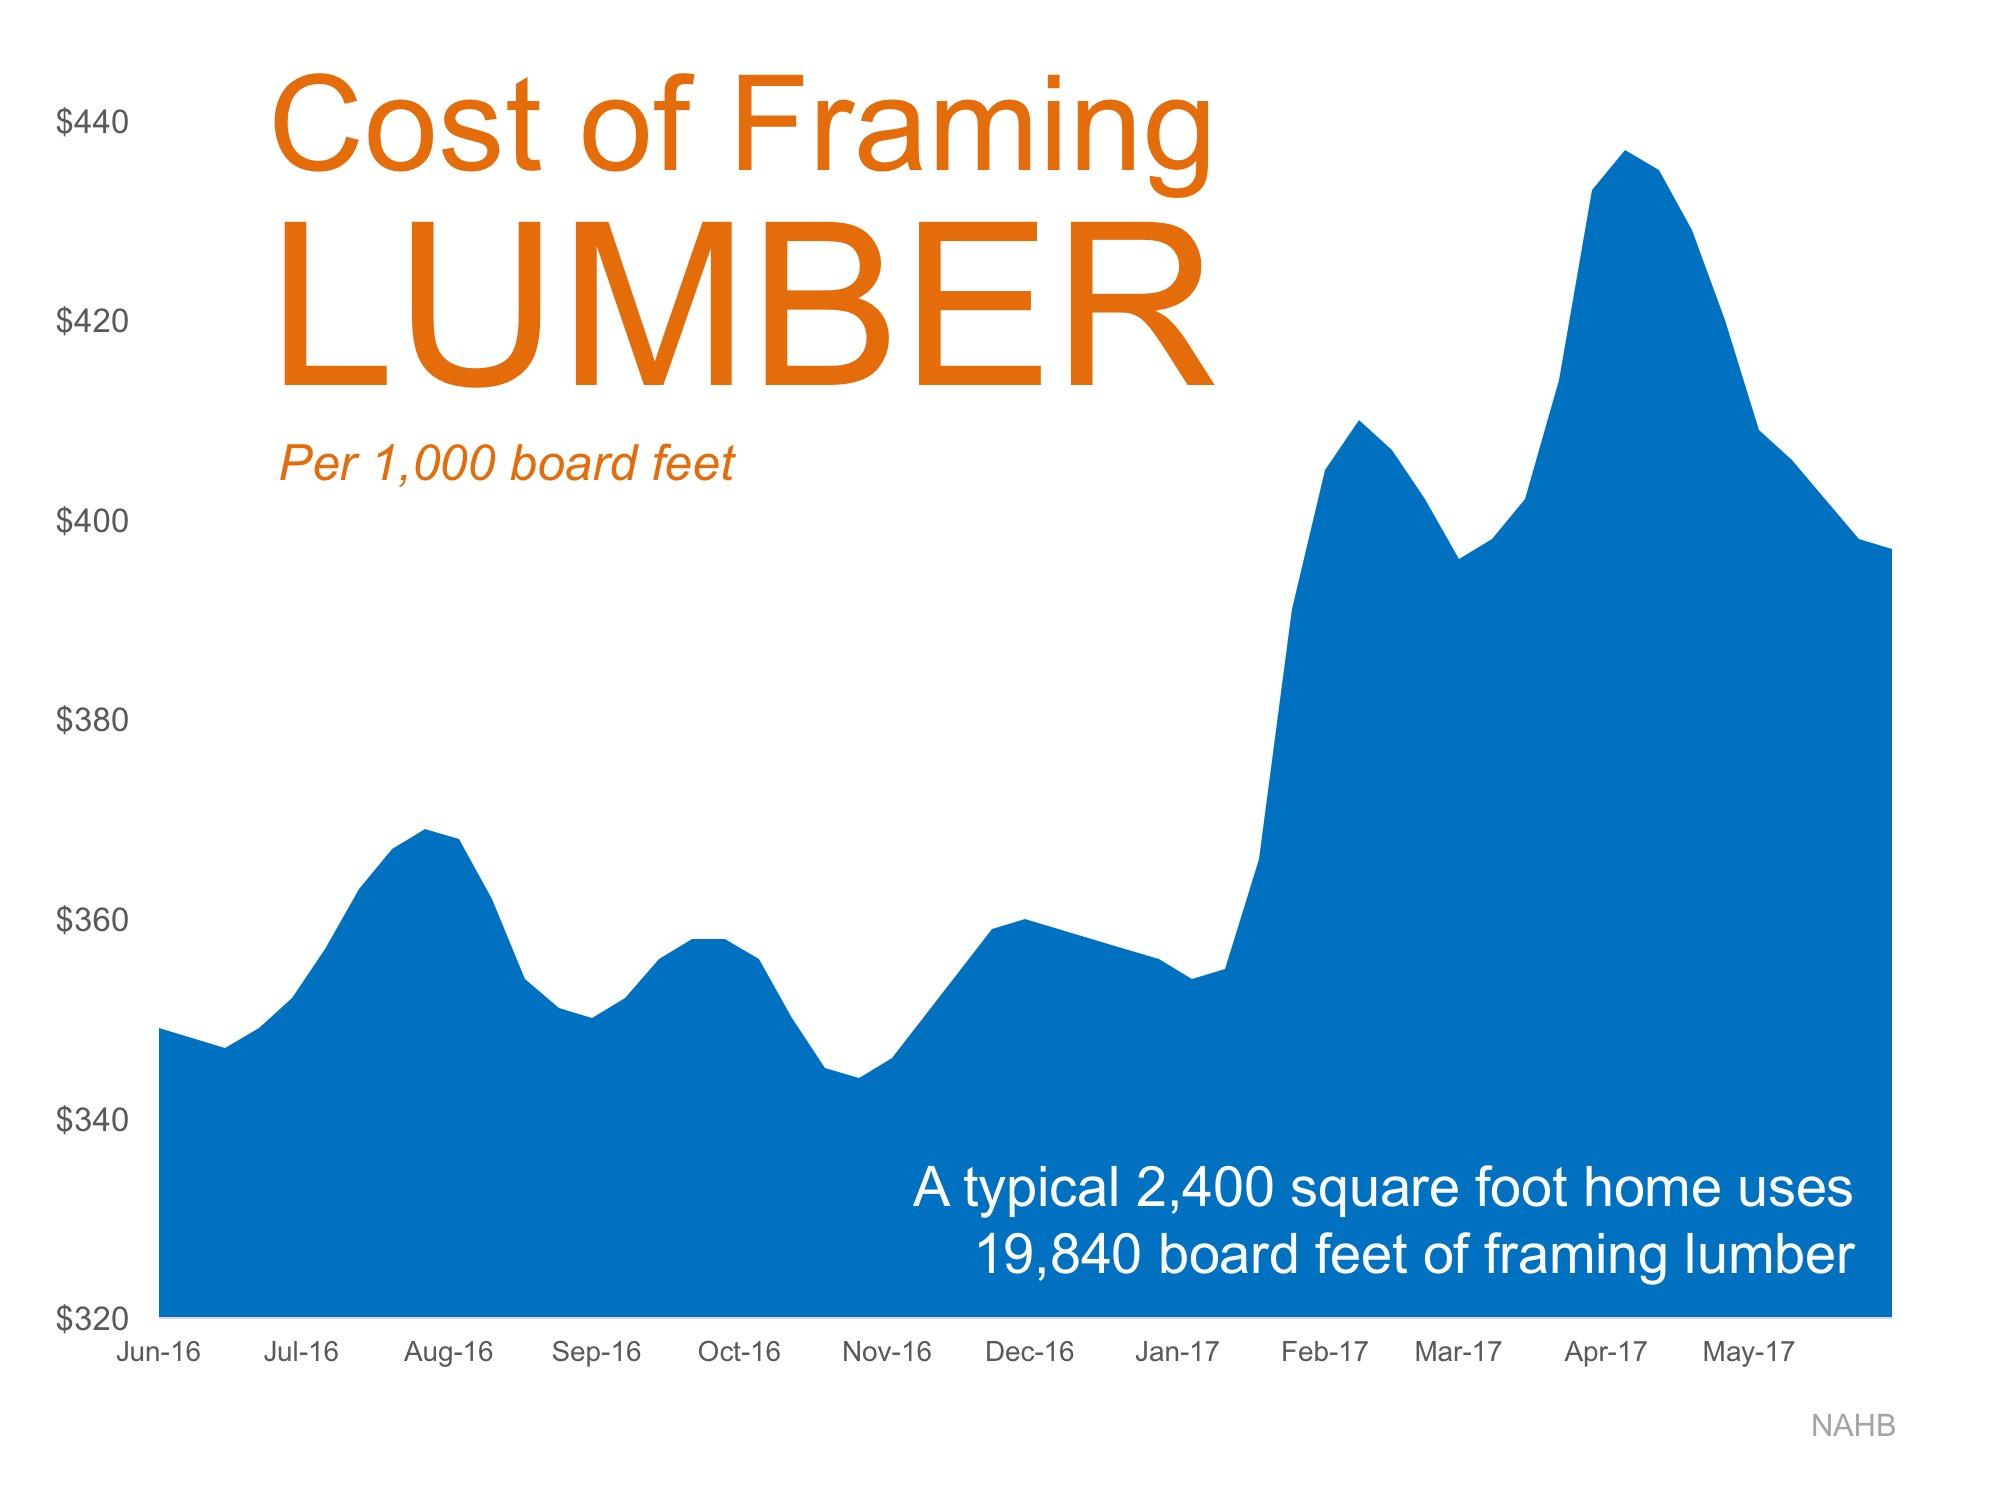 baton rouge and us lumber prices - Glenda Daughety update